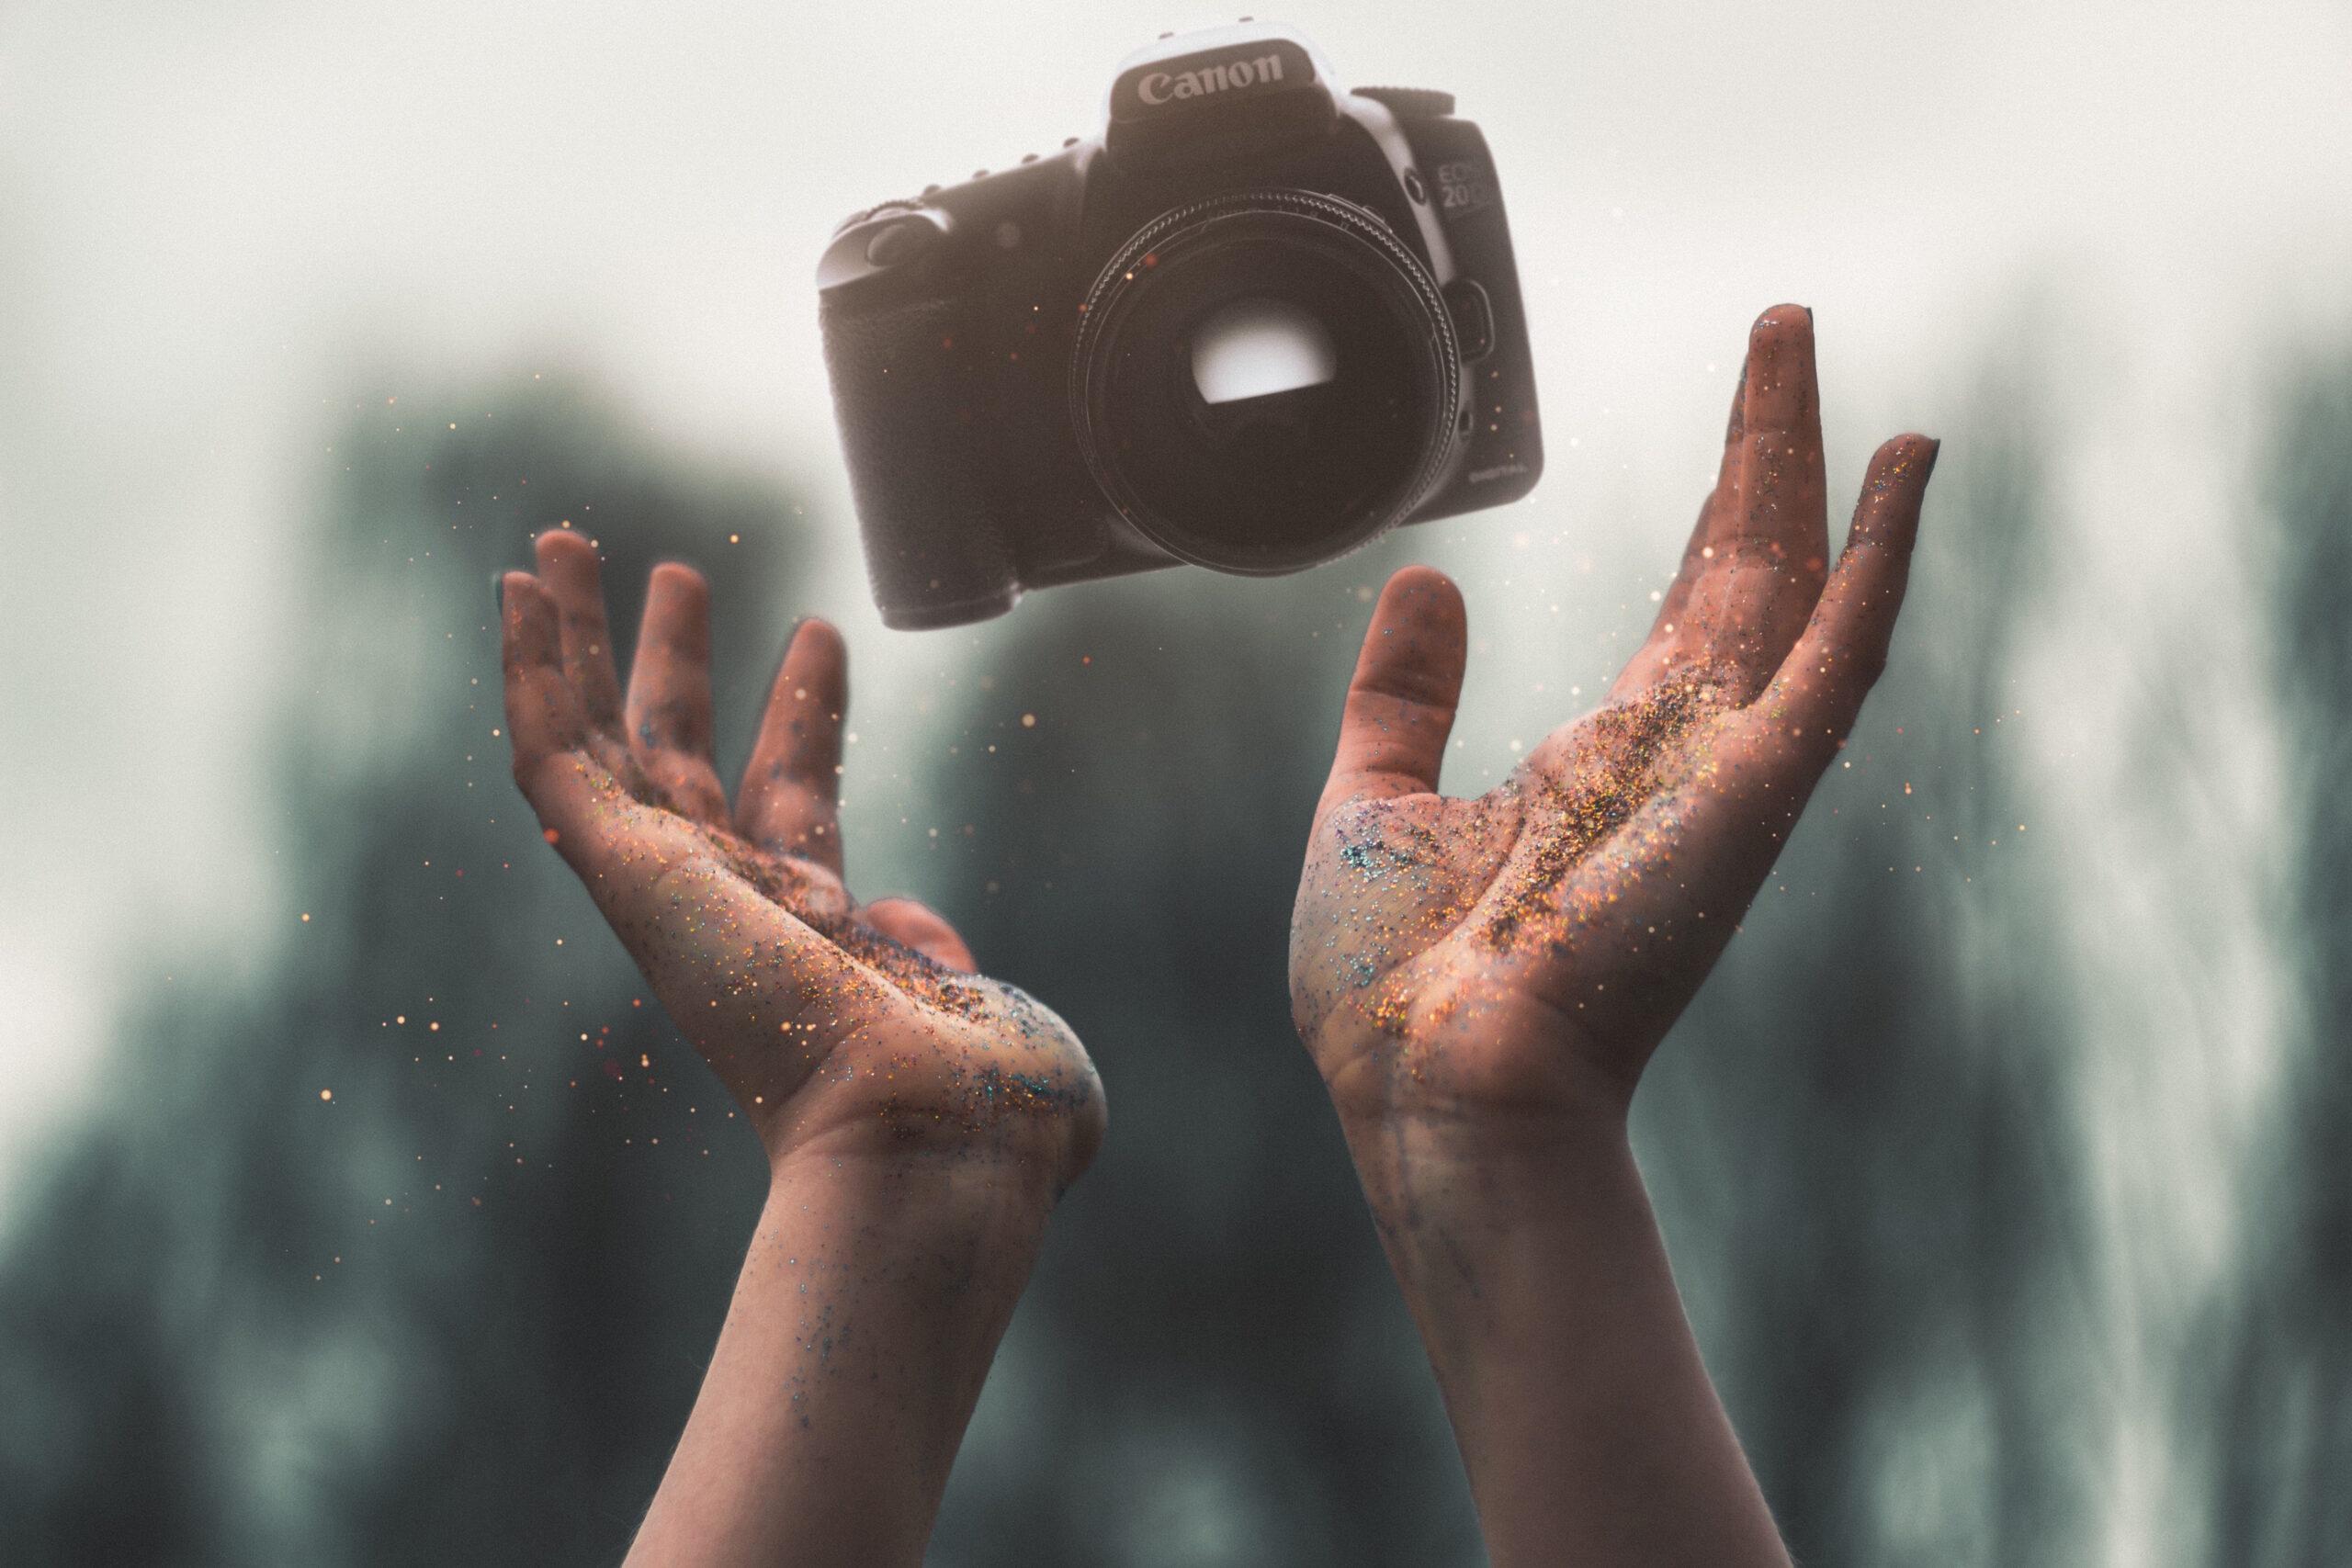 Videography workshops